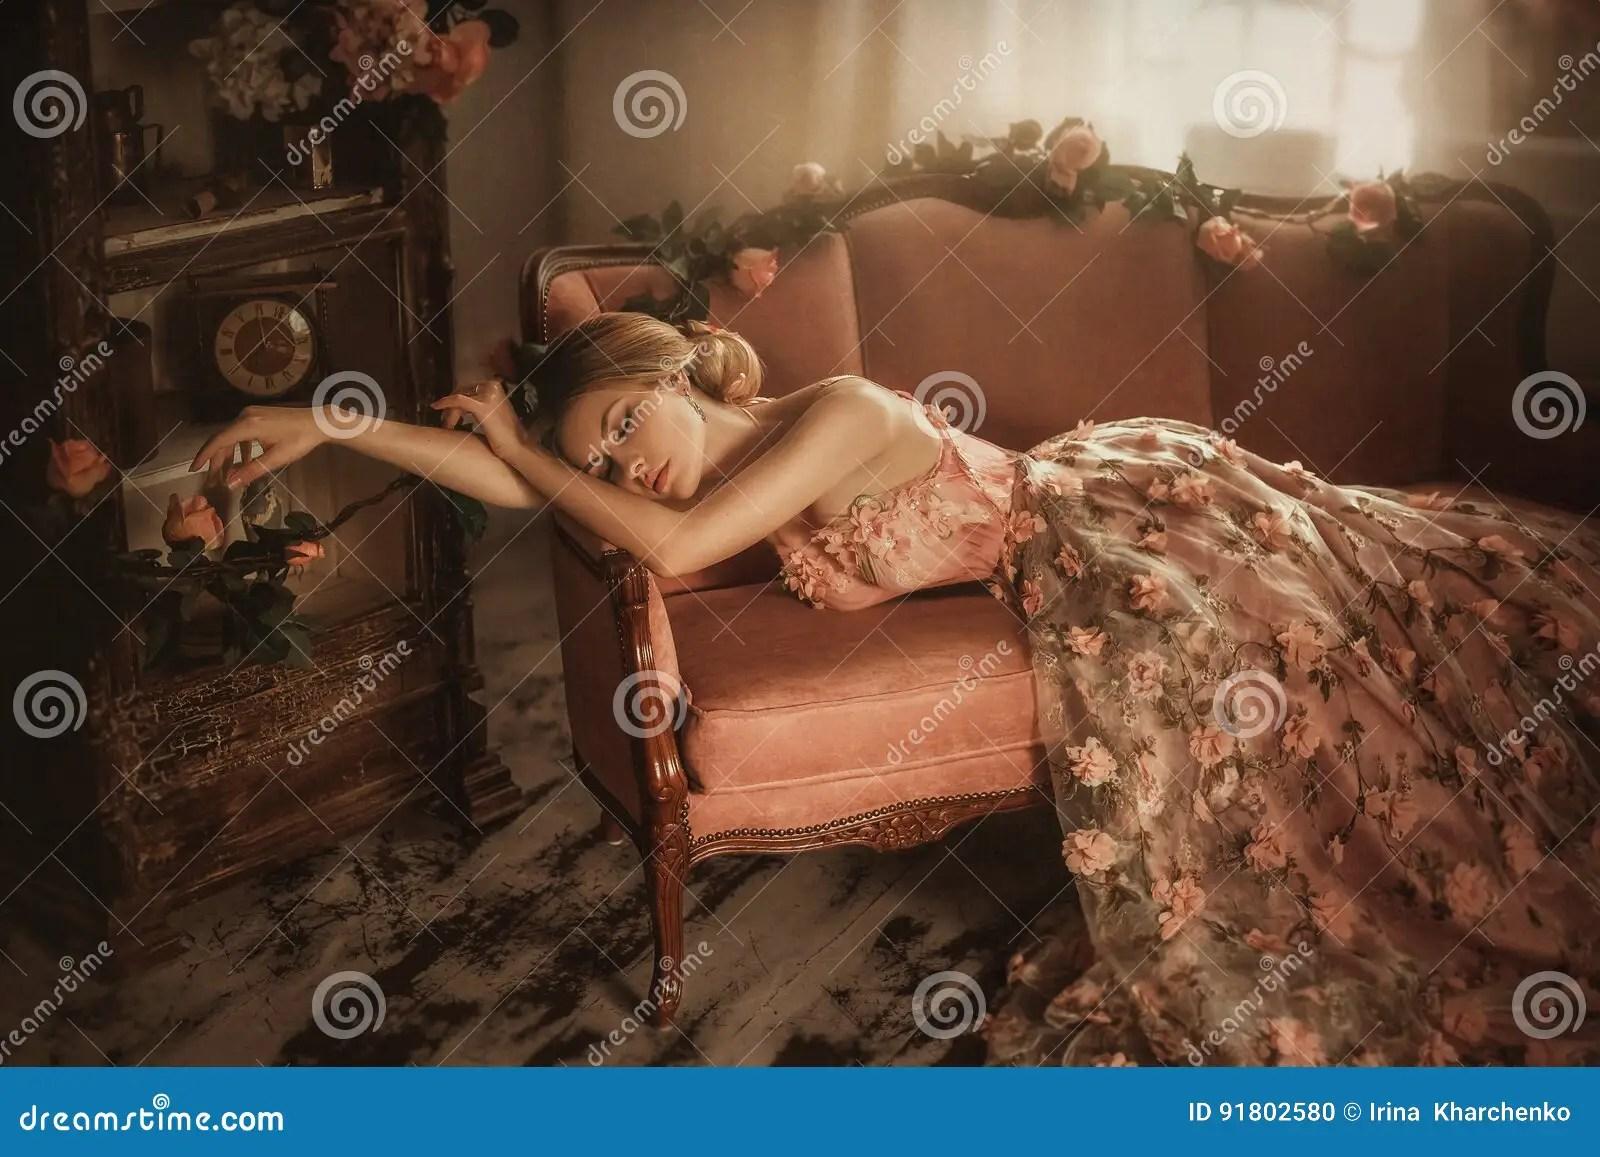 zelo sleeping beauty - 1000×667